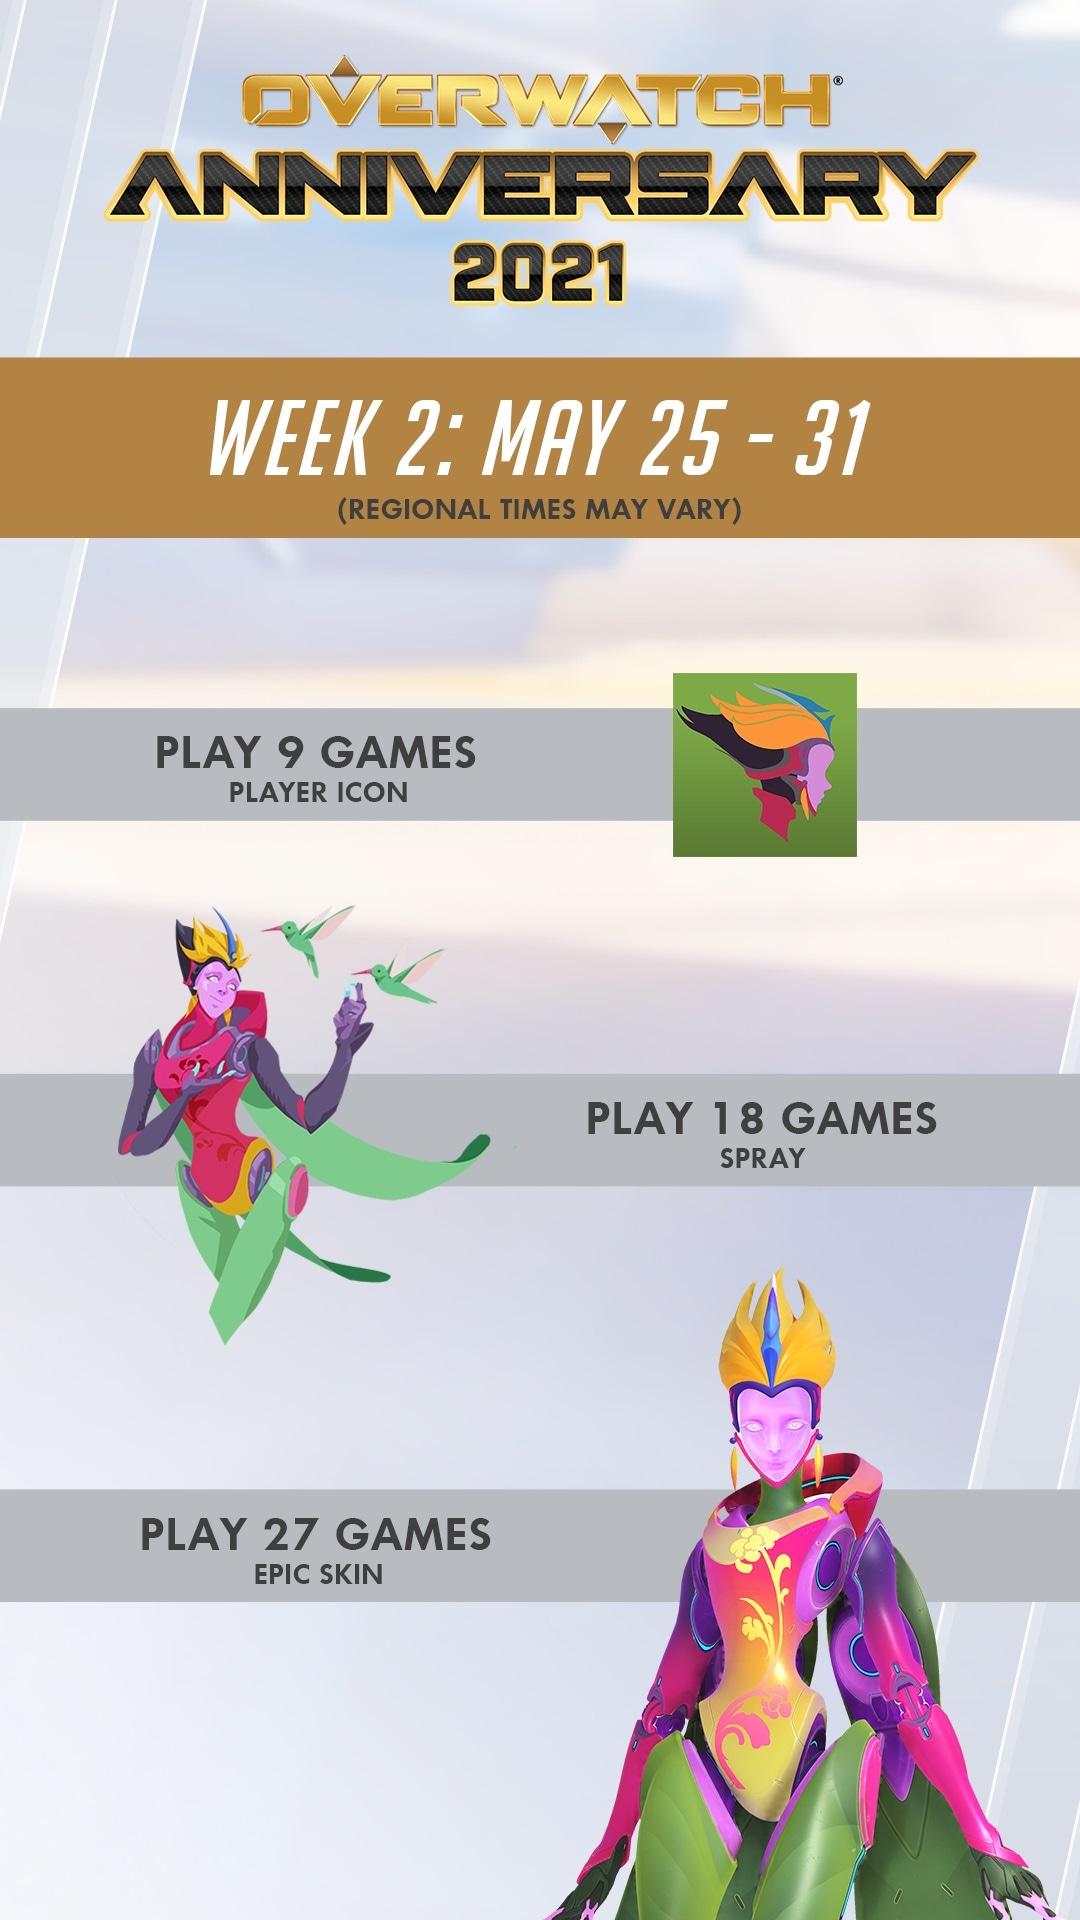 Overwatch Anniversary 2021 - Week 2 Rewards